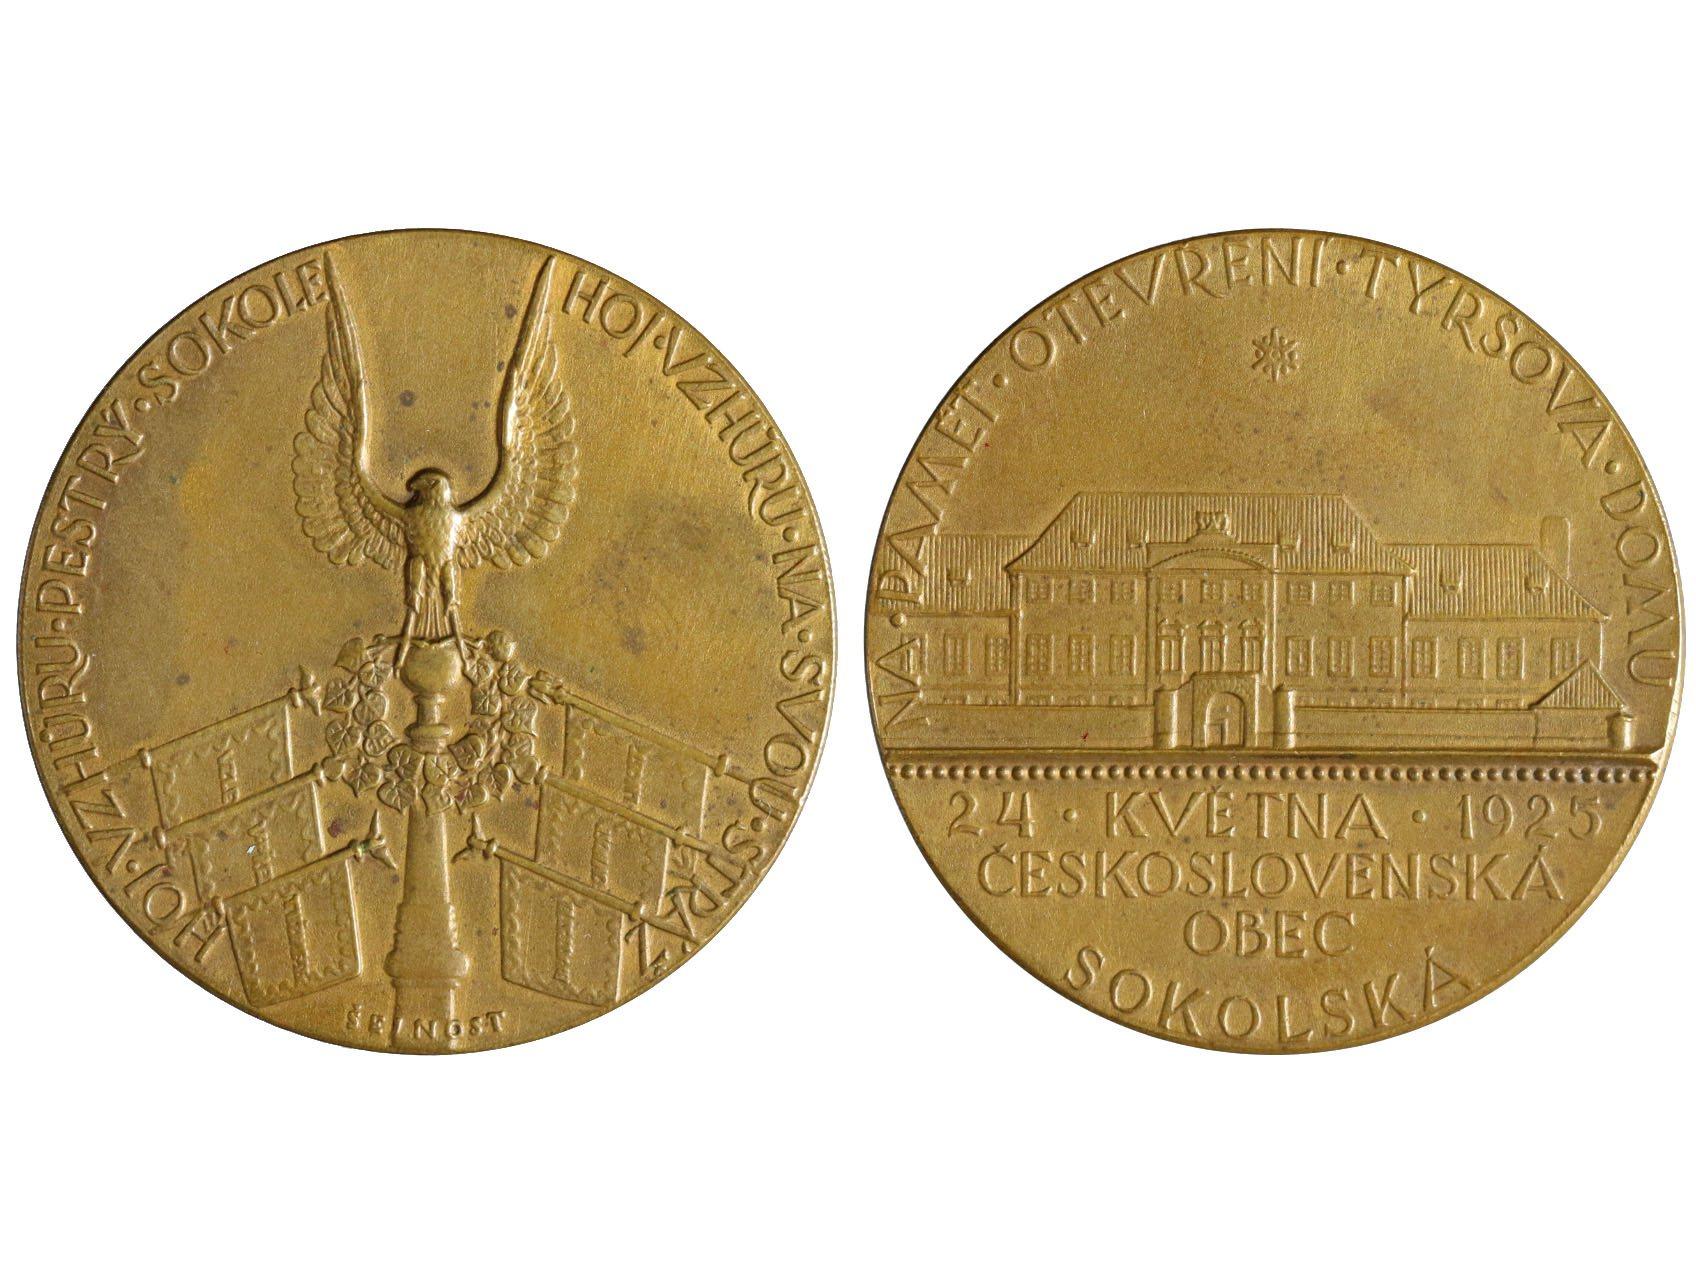 Šejnost Josef 1878-1941 - AE medaile 1925 ČS obec sokolská, Otevření Tyršova domu v Praze. Bronz, 36,5 mm, Bo-121a, skvrnky